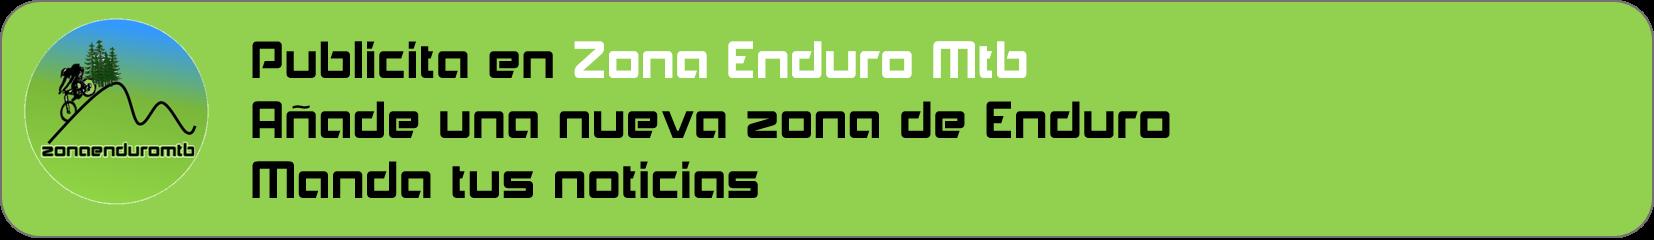 zona enduro mtb publicidad